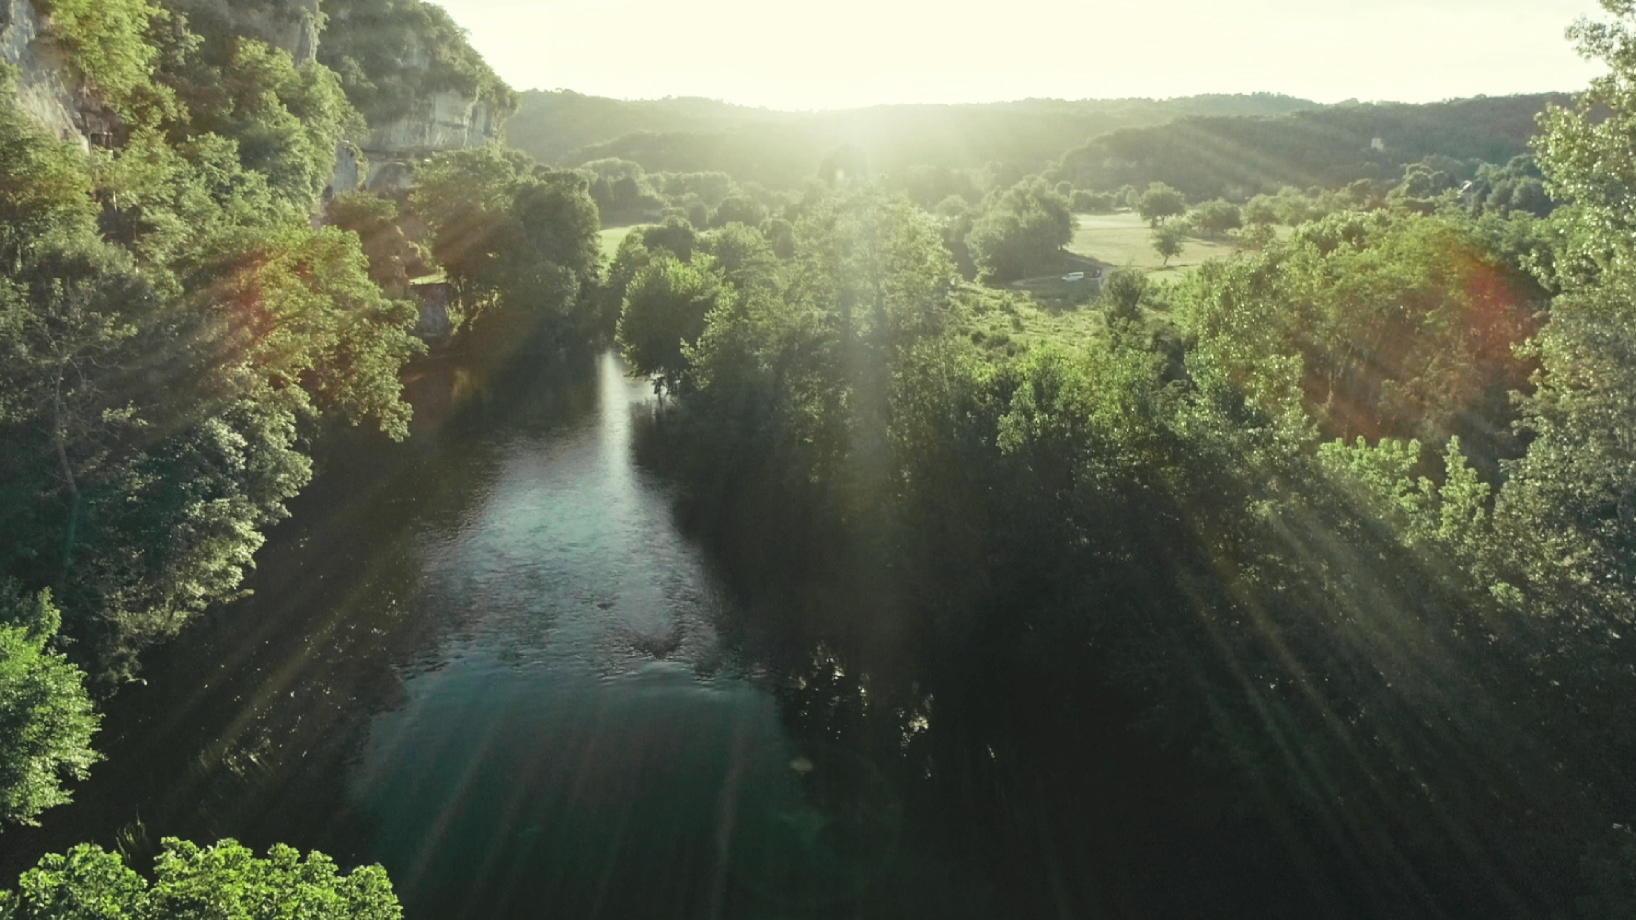 Guerlain Fraises - Social media movie v4 422-1